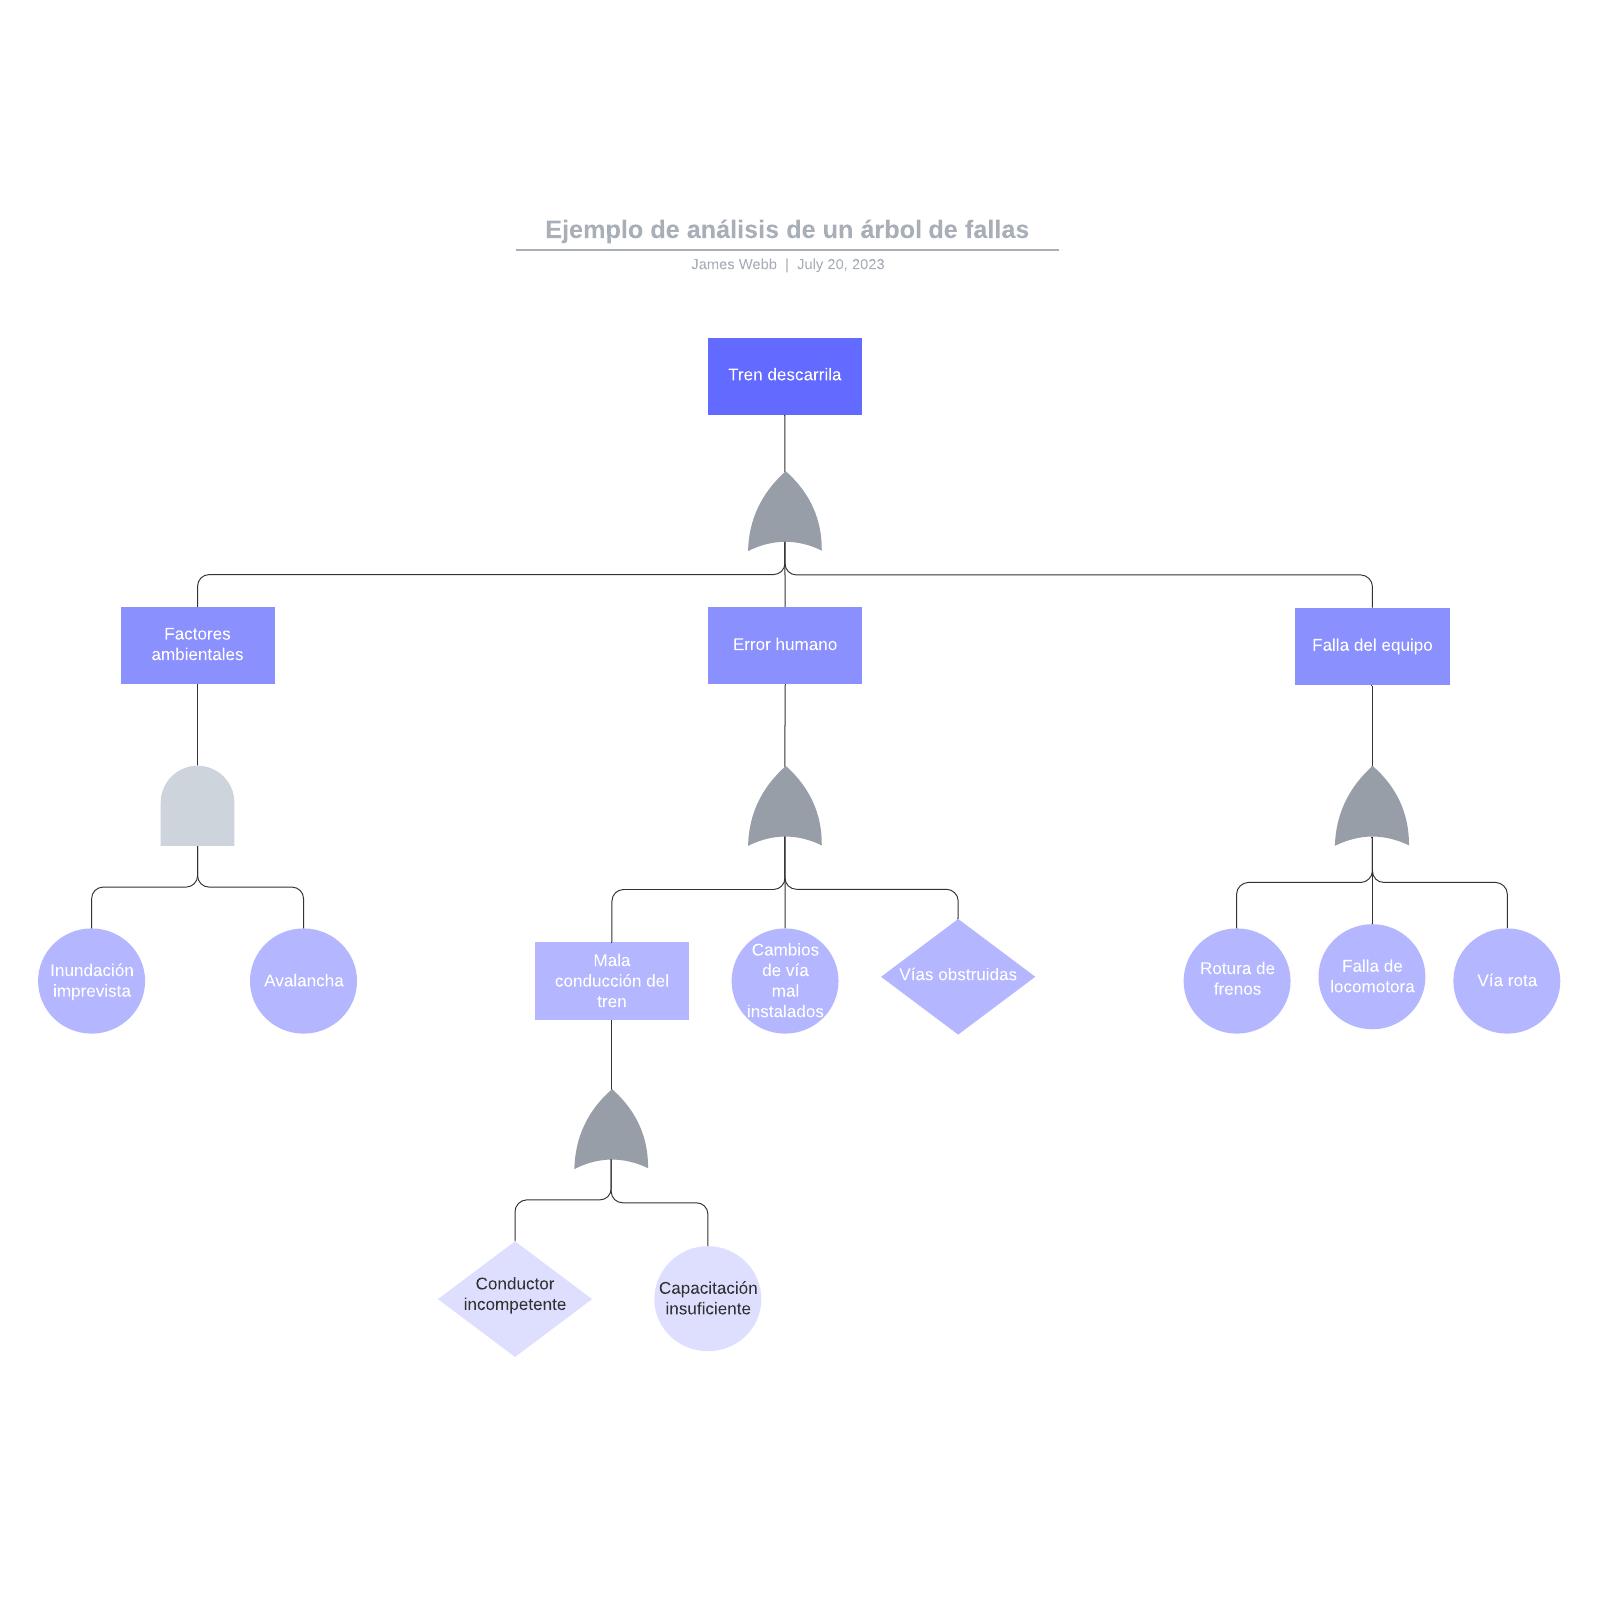 Ejemplo de análisis de un árbol de fallas